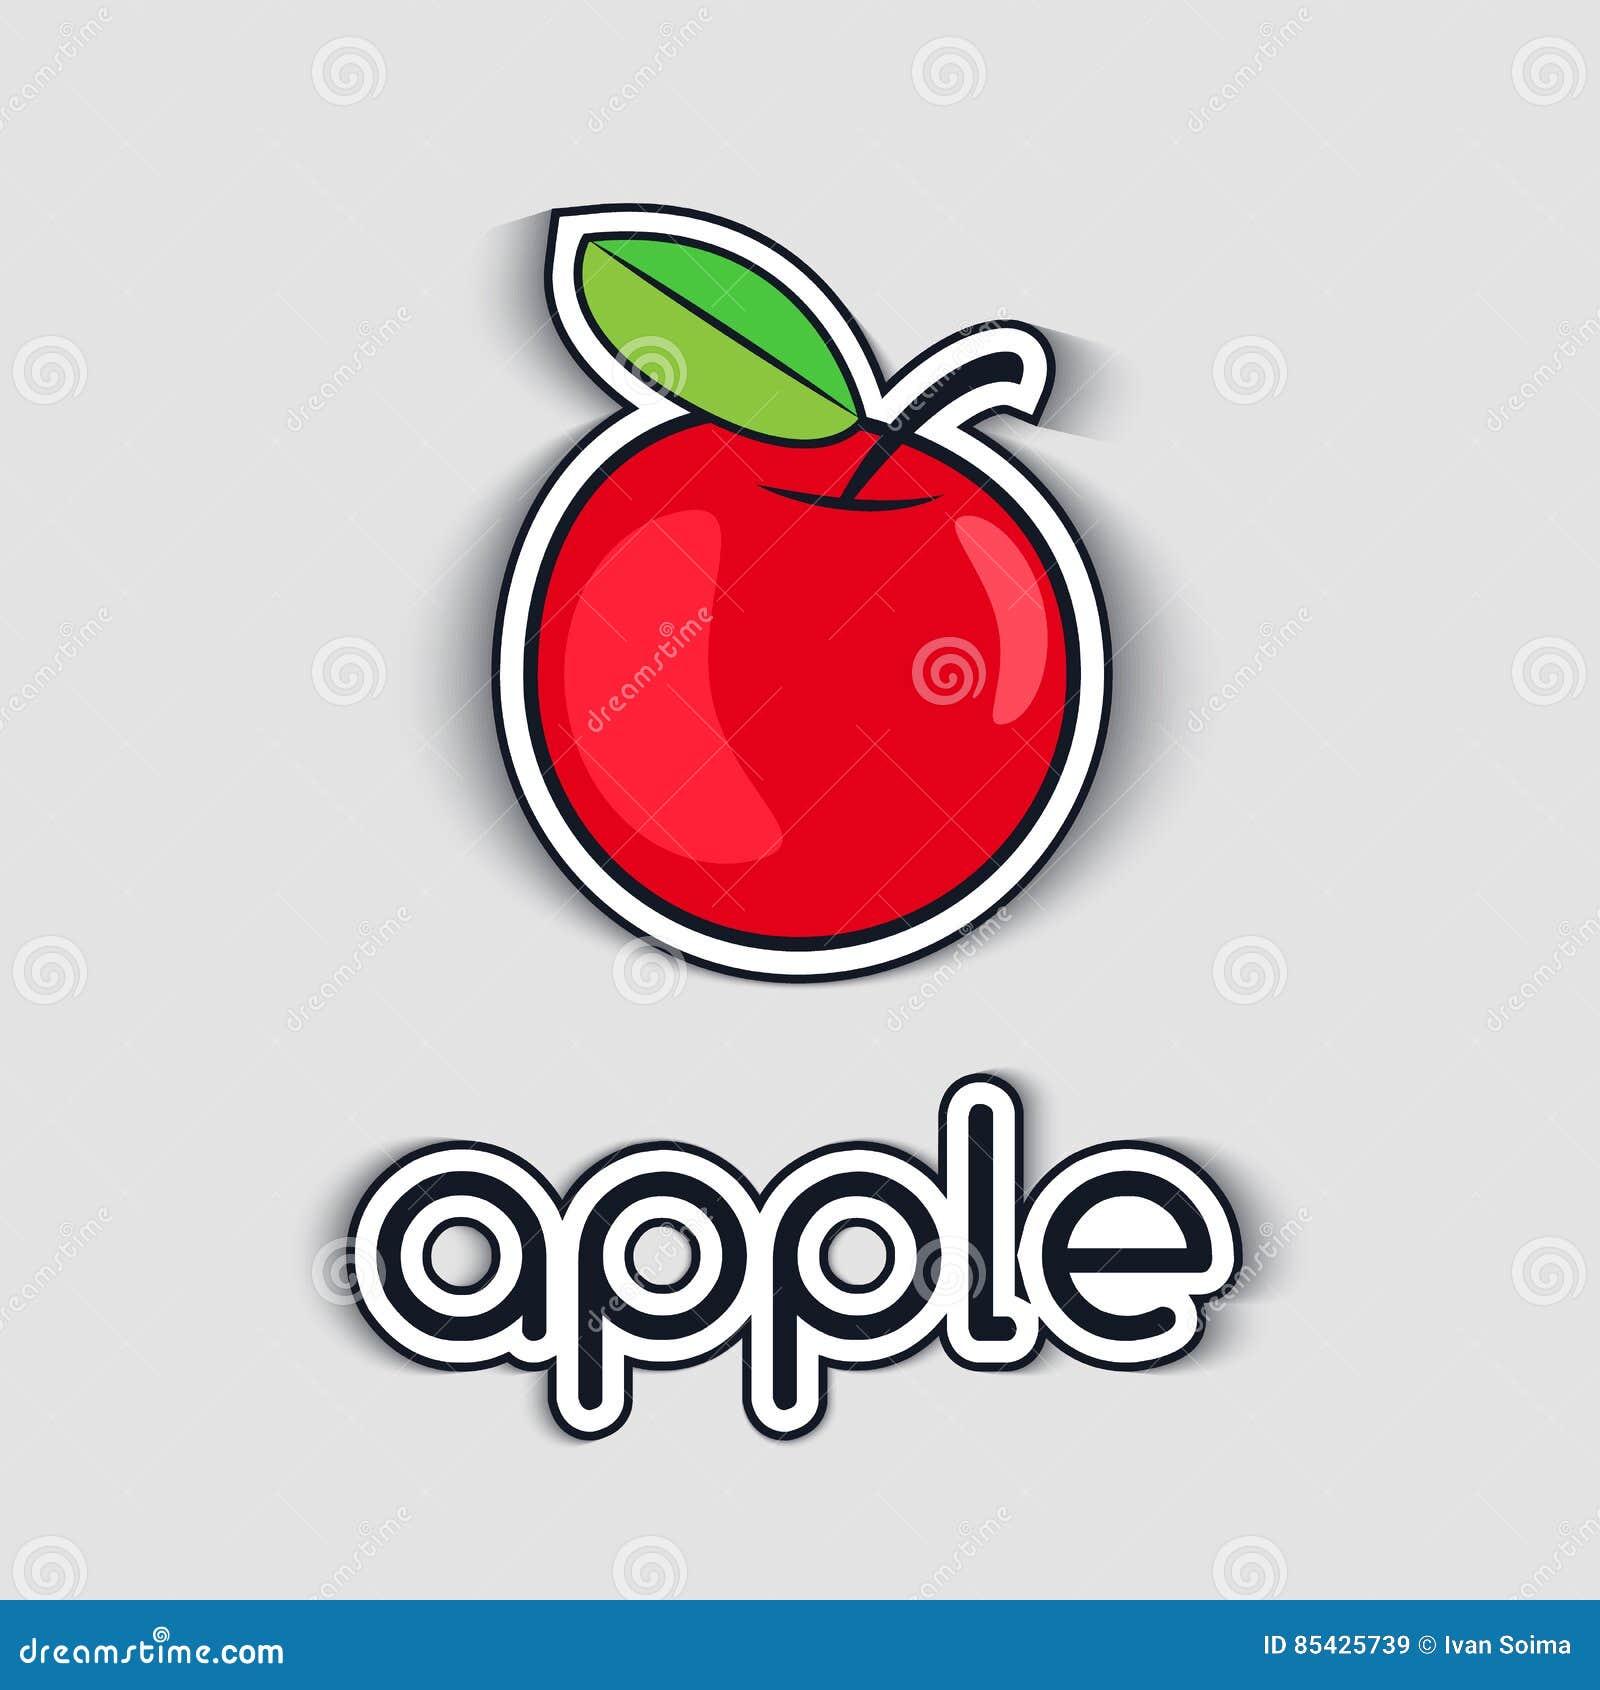 Κόκκινο σύμβολο εικονιδίων της Apple στο άσπρο υπόβαθρο